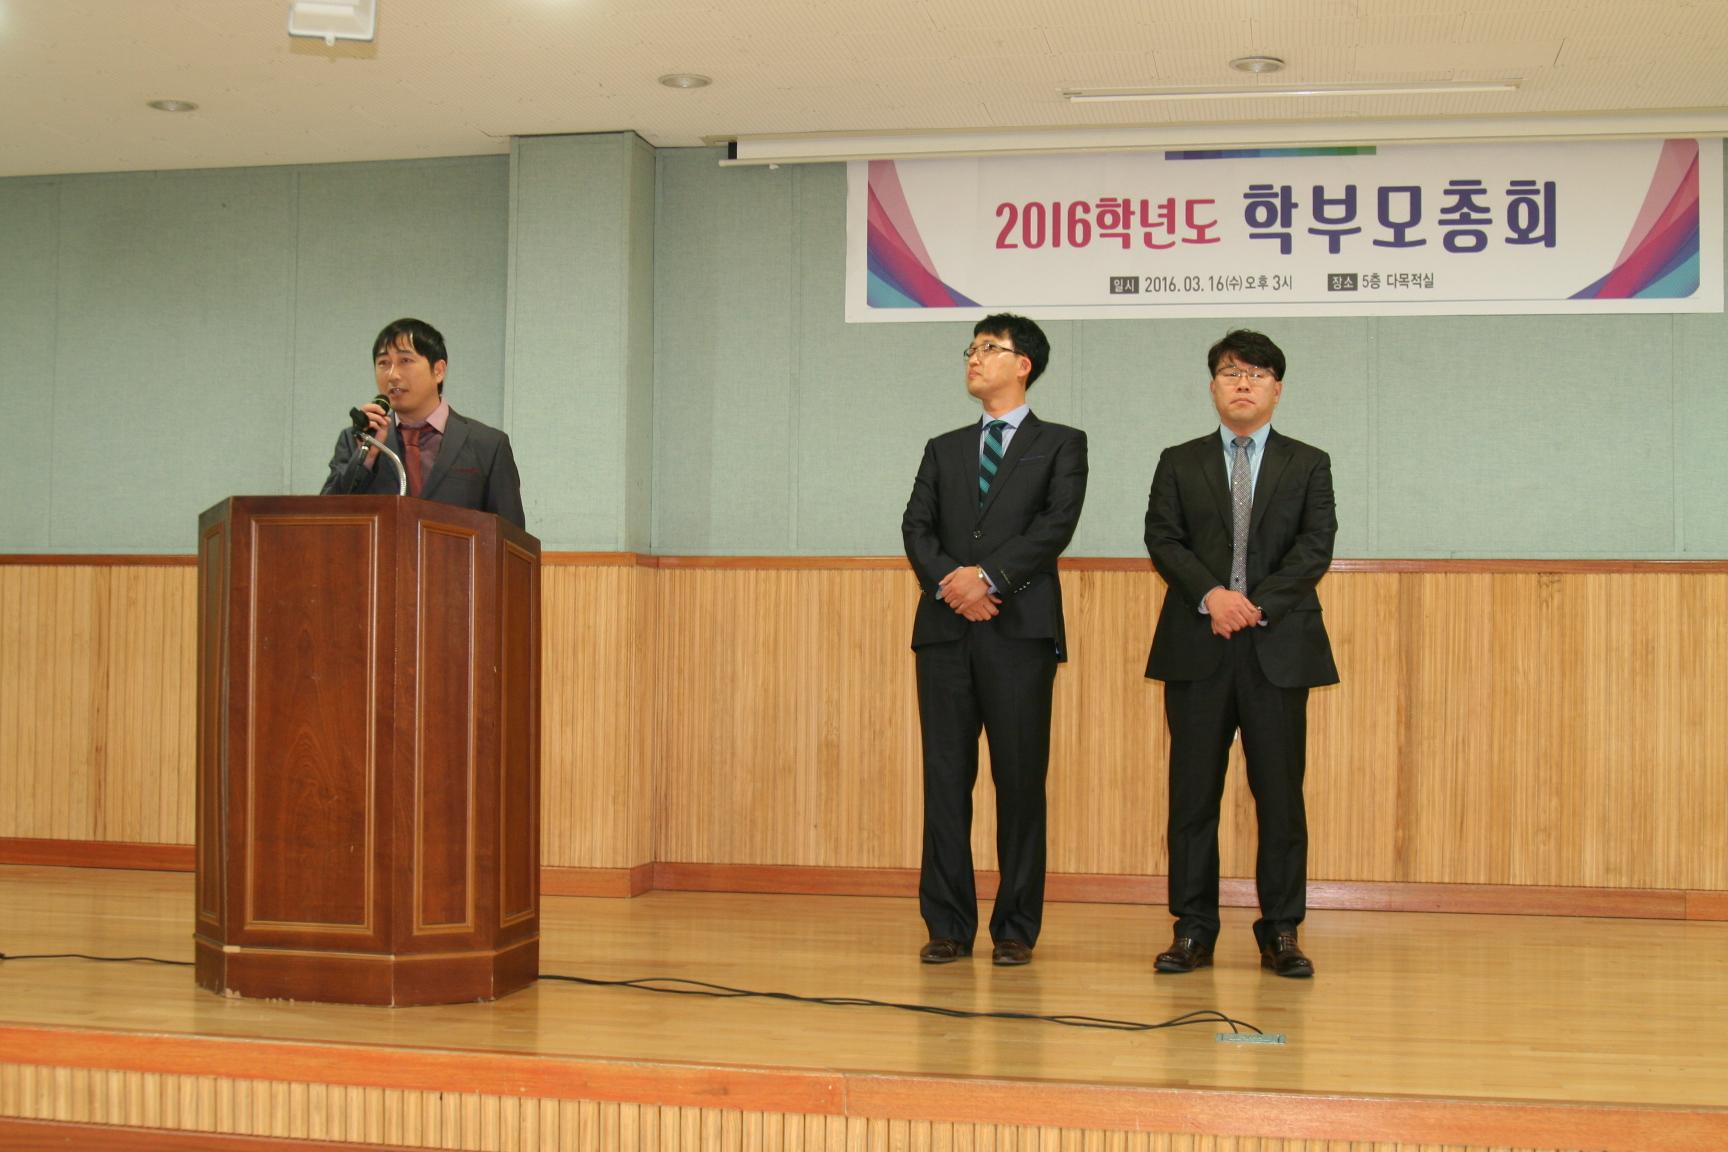 [일반] 2016학년도 상반기 학부모총회의 첨부이미지 4